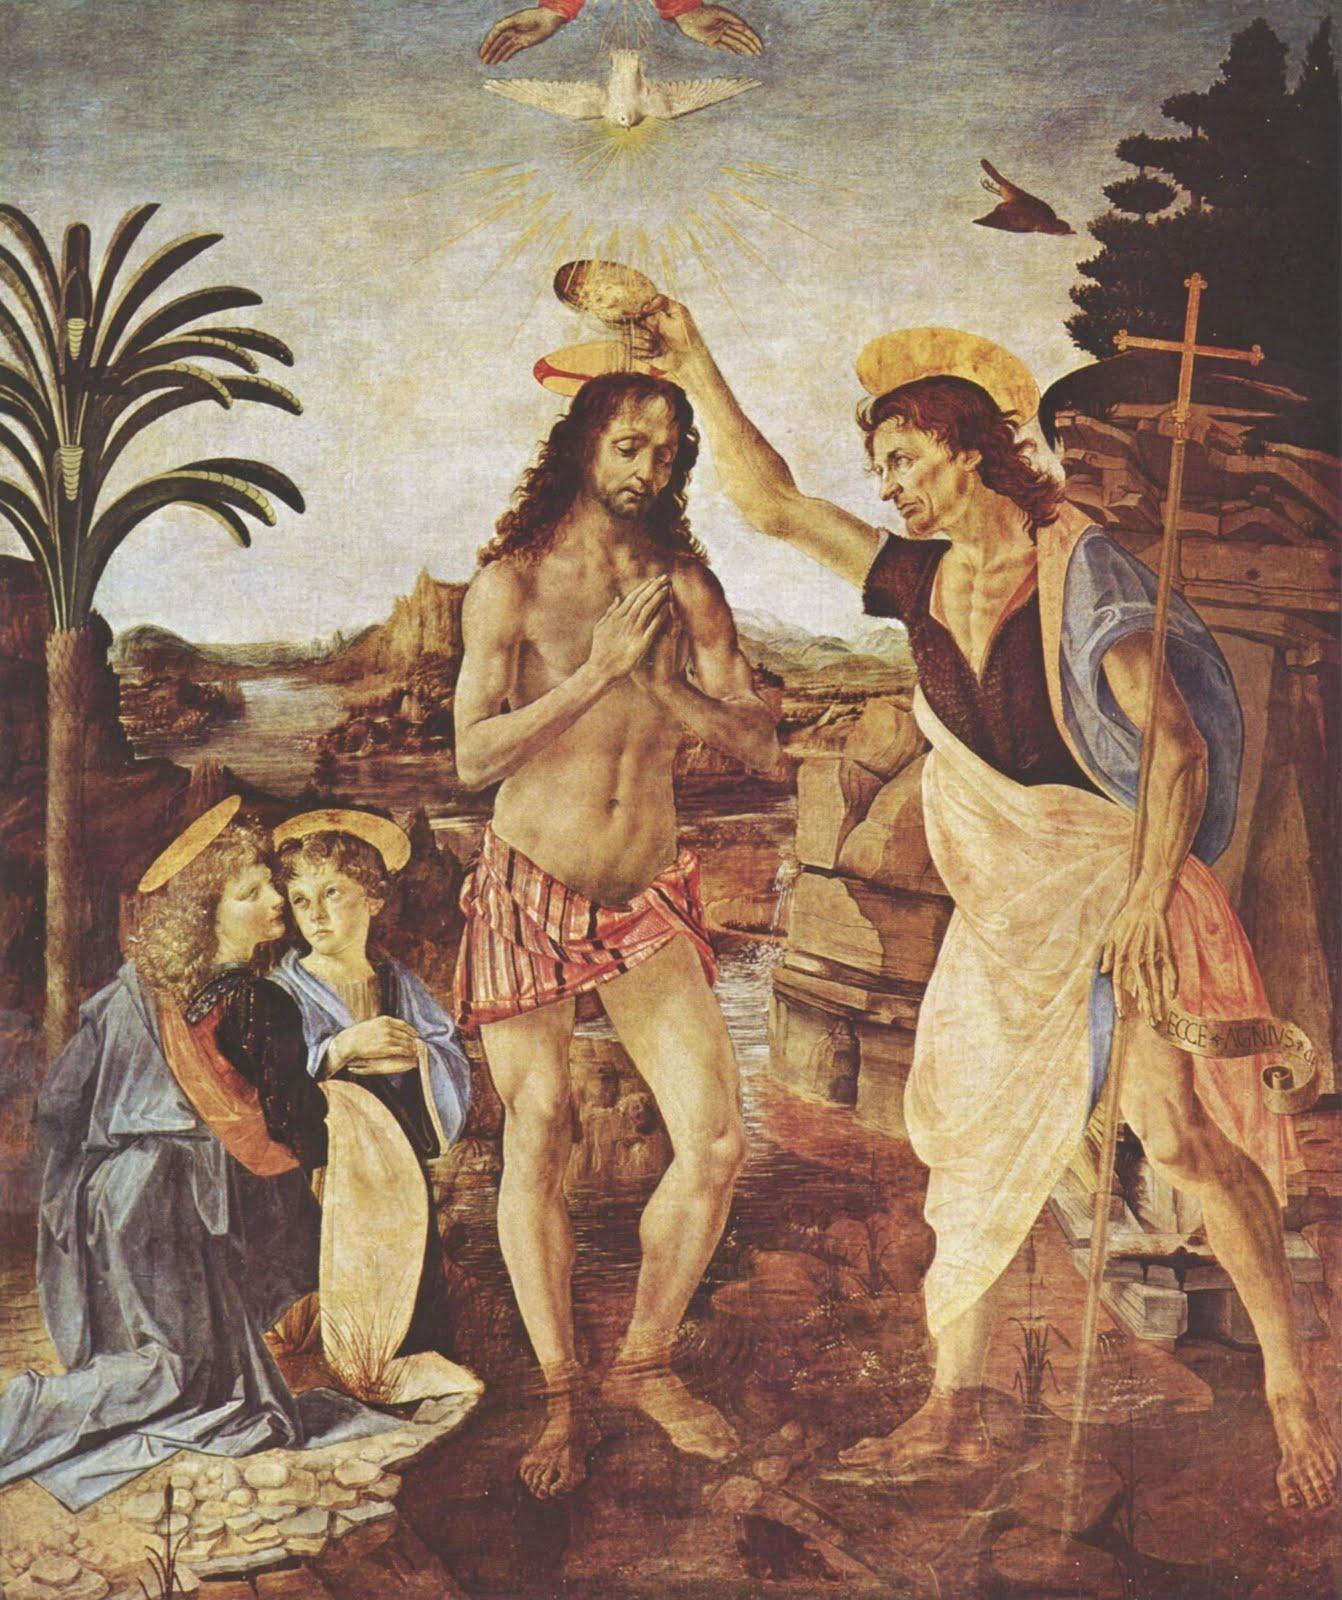 La Joconde celui de La Vierge  l Enfant avec sainte Anne sugg¨re davantage une vision qu une description car il int¨gre la diffraction de la lumi¨re